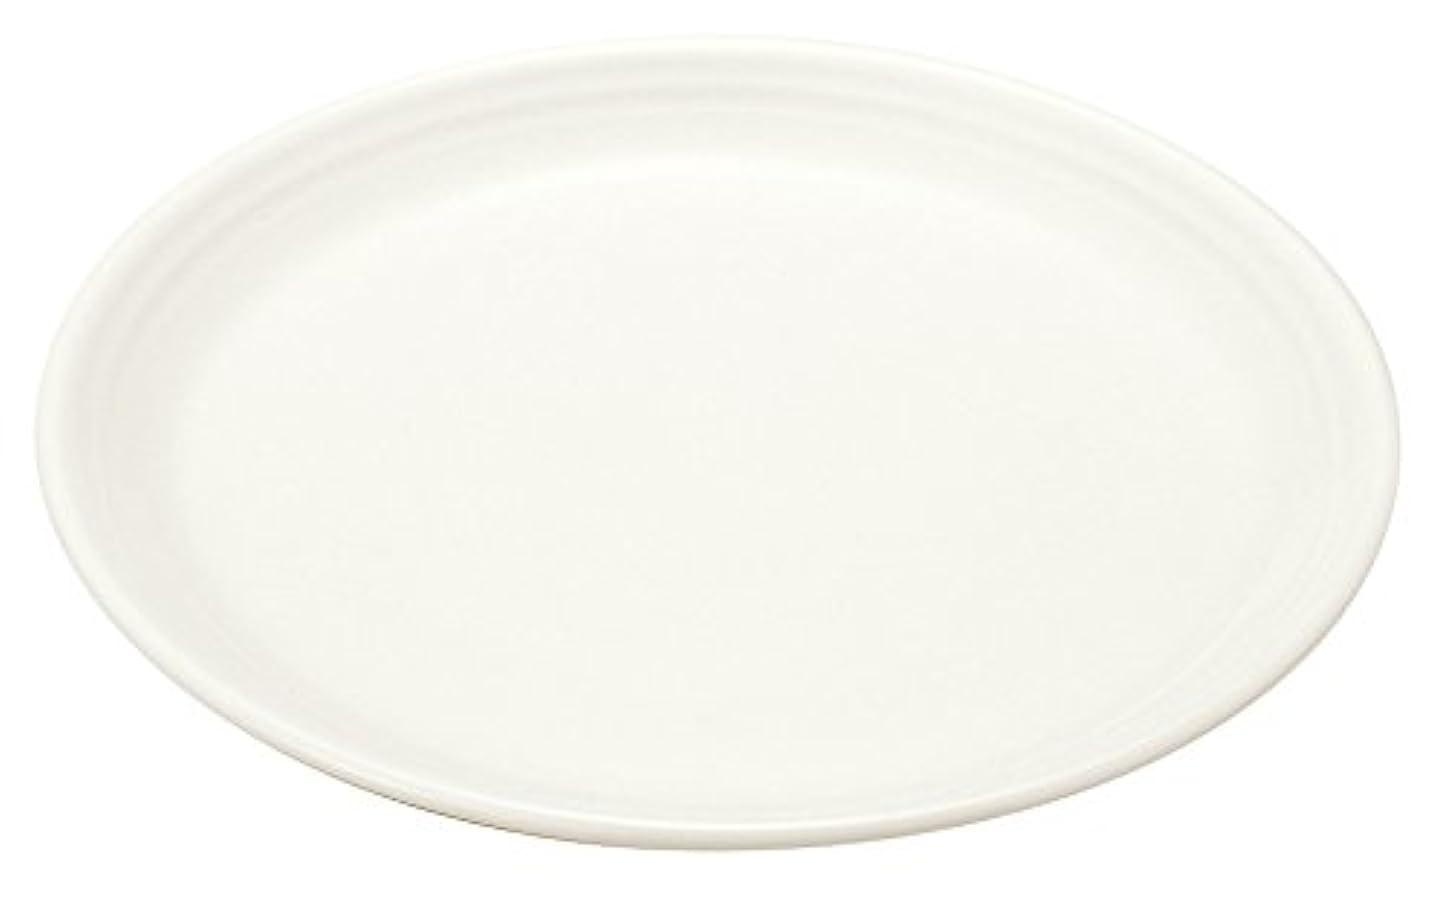 少ない習熟度服を着る【白い食器】われにくい強化磁器 ティアラ tiara ピュアホワイト フリル サラダプレート スーププレート カレー パスタ皿 23cm